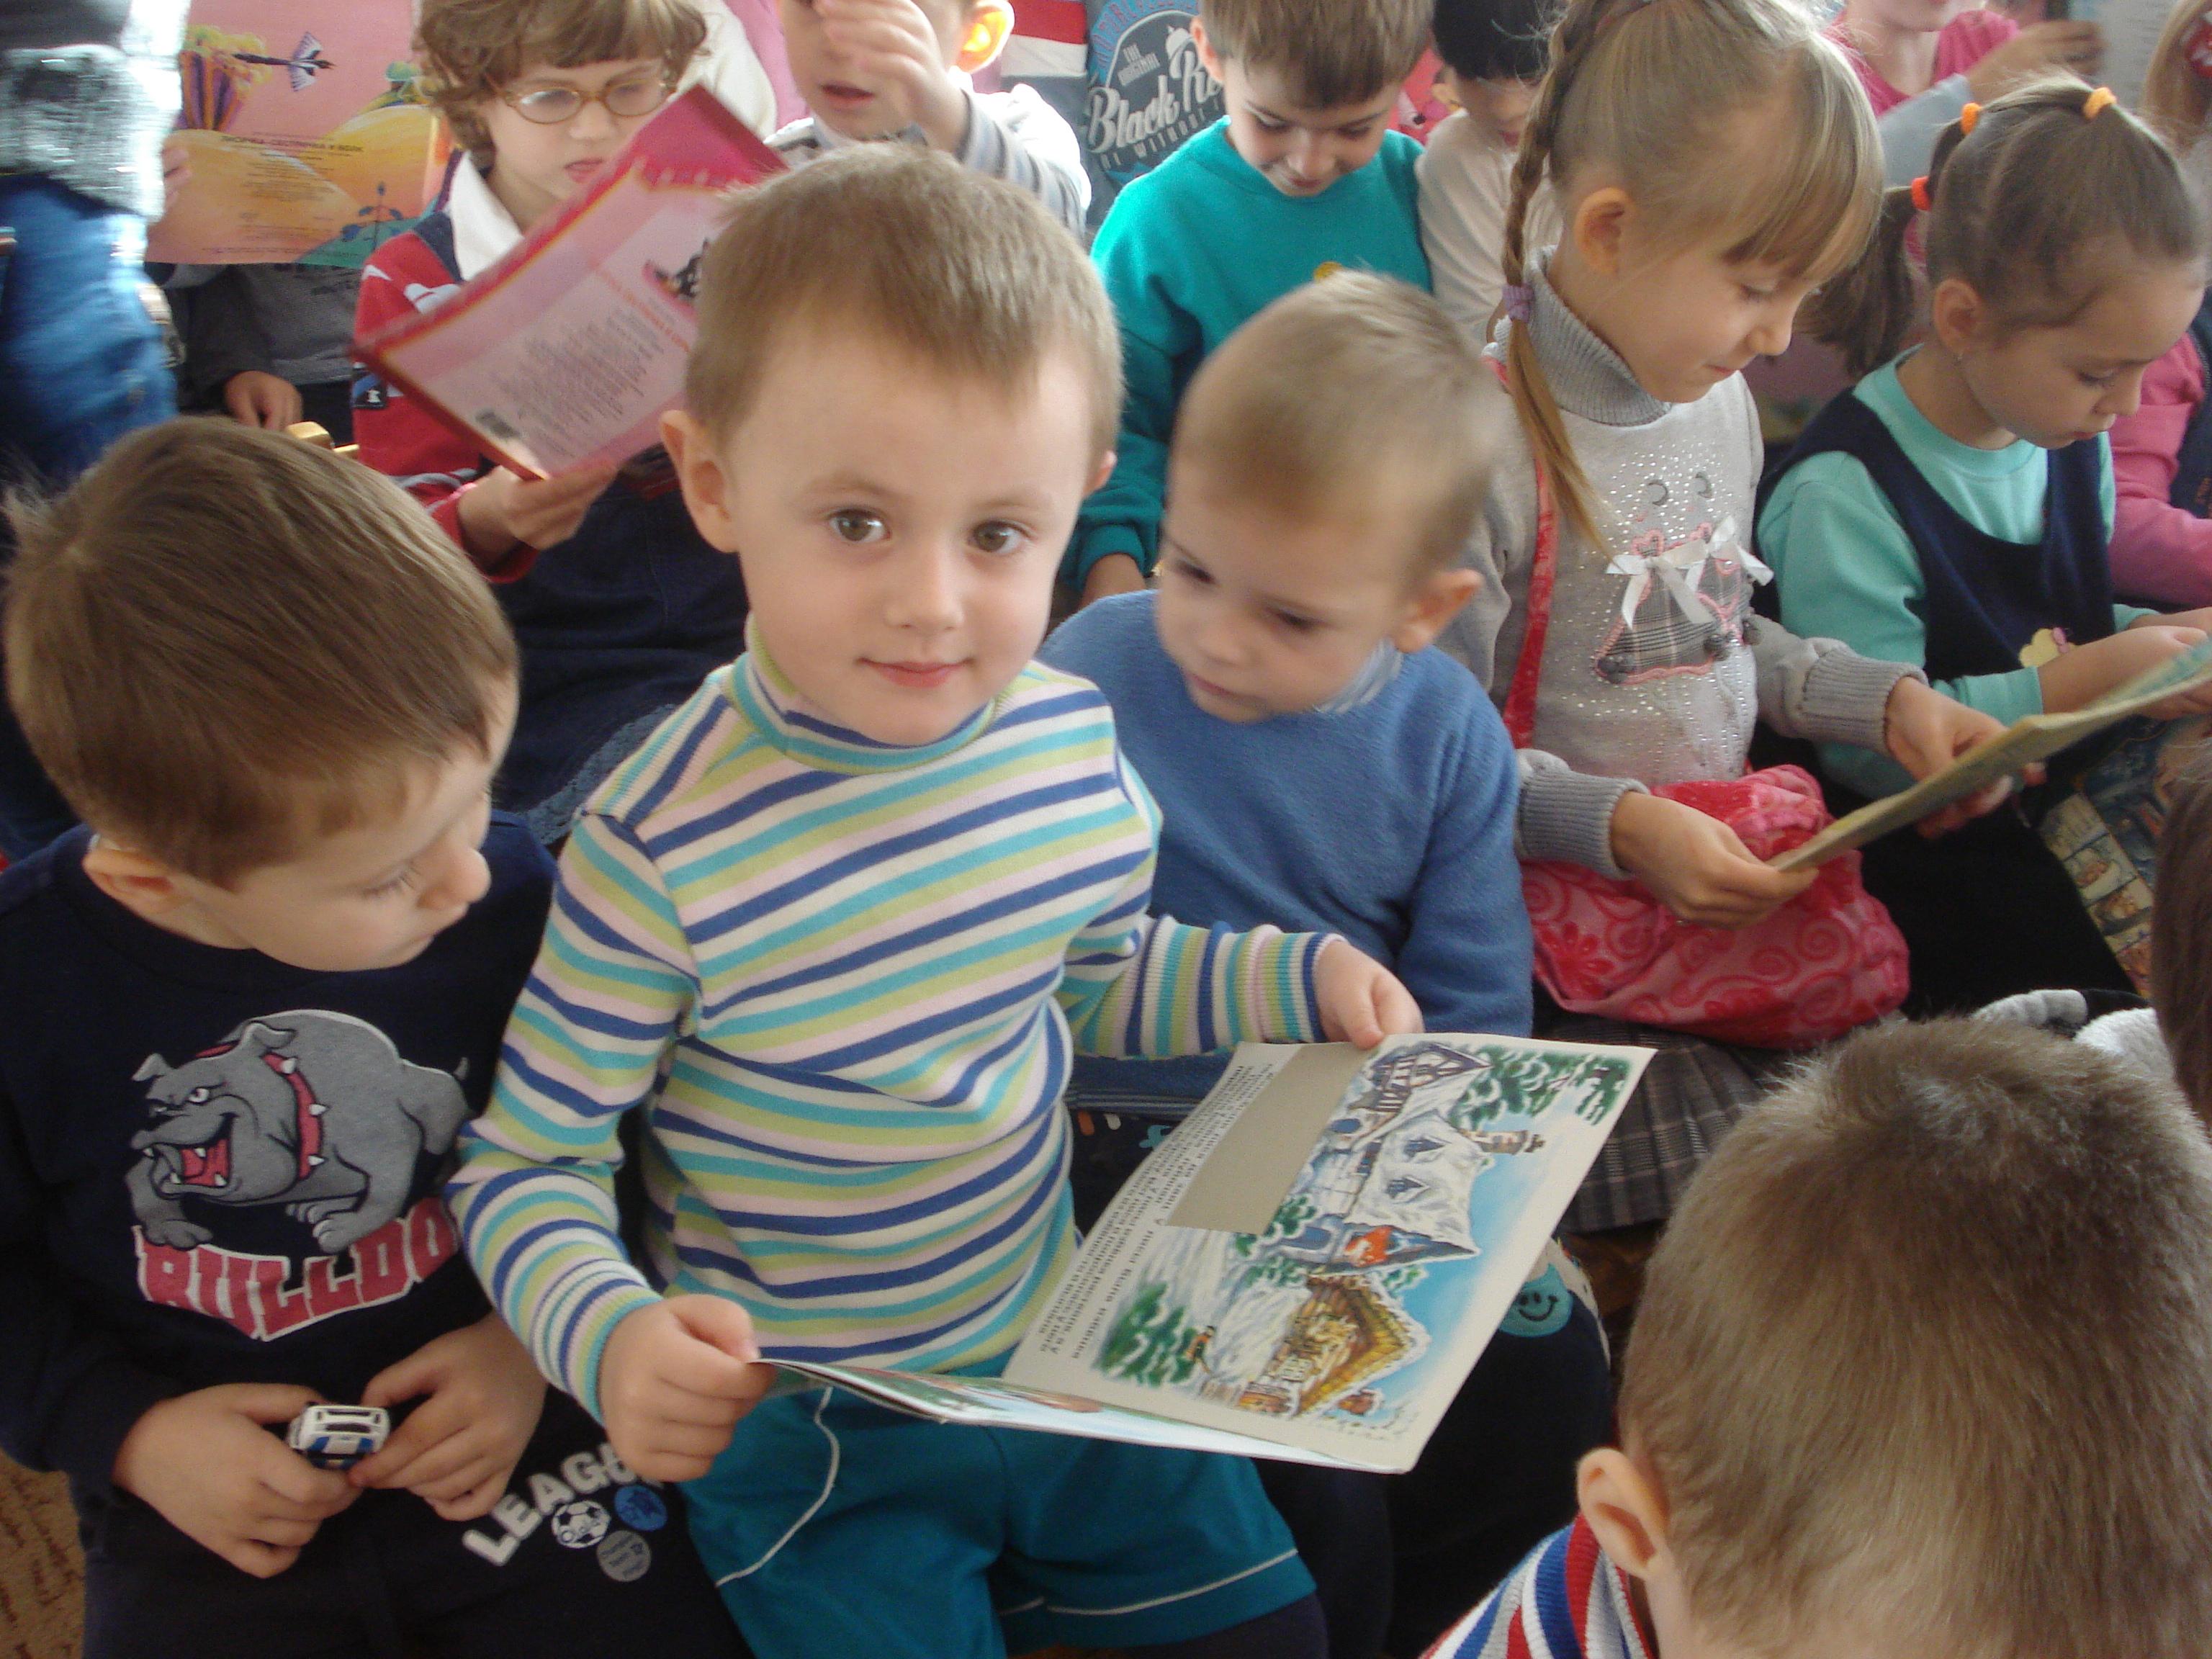 сказочная арена волшебный магазин, донецкая республиканская библиотека для детей, отдел обслуживания дошкольников и учащихся 1-4 классов, занятия с детьми, донецкий ясли-сад 304, писатель-иллюстратор сутеев